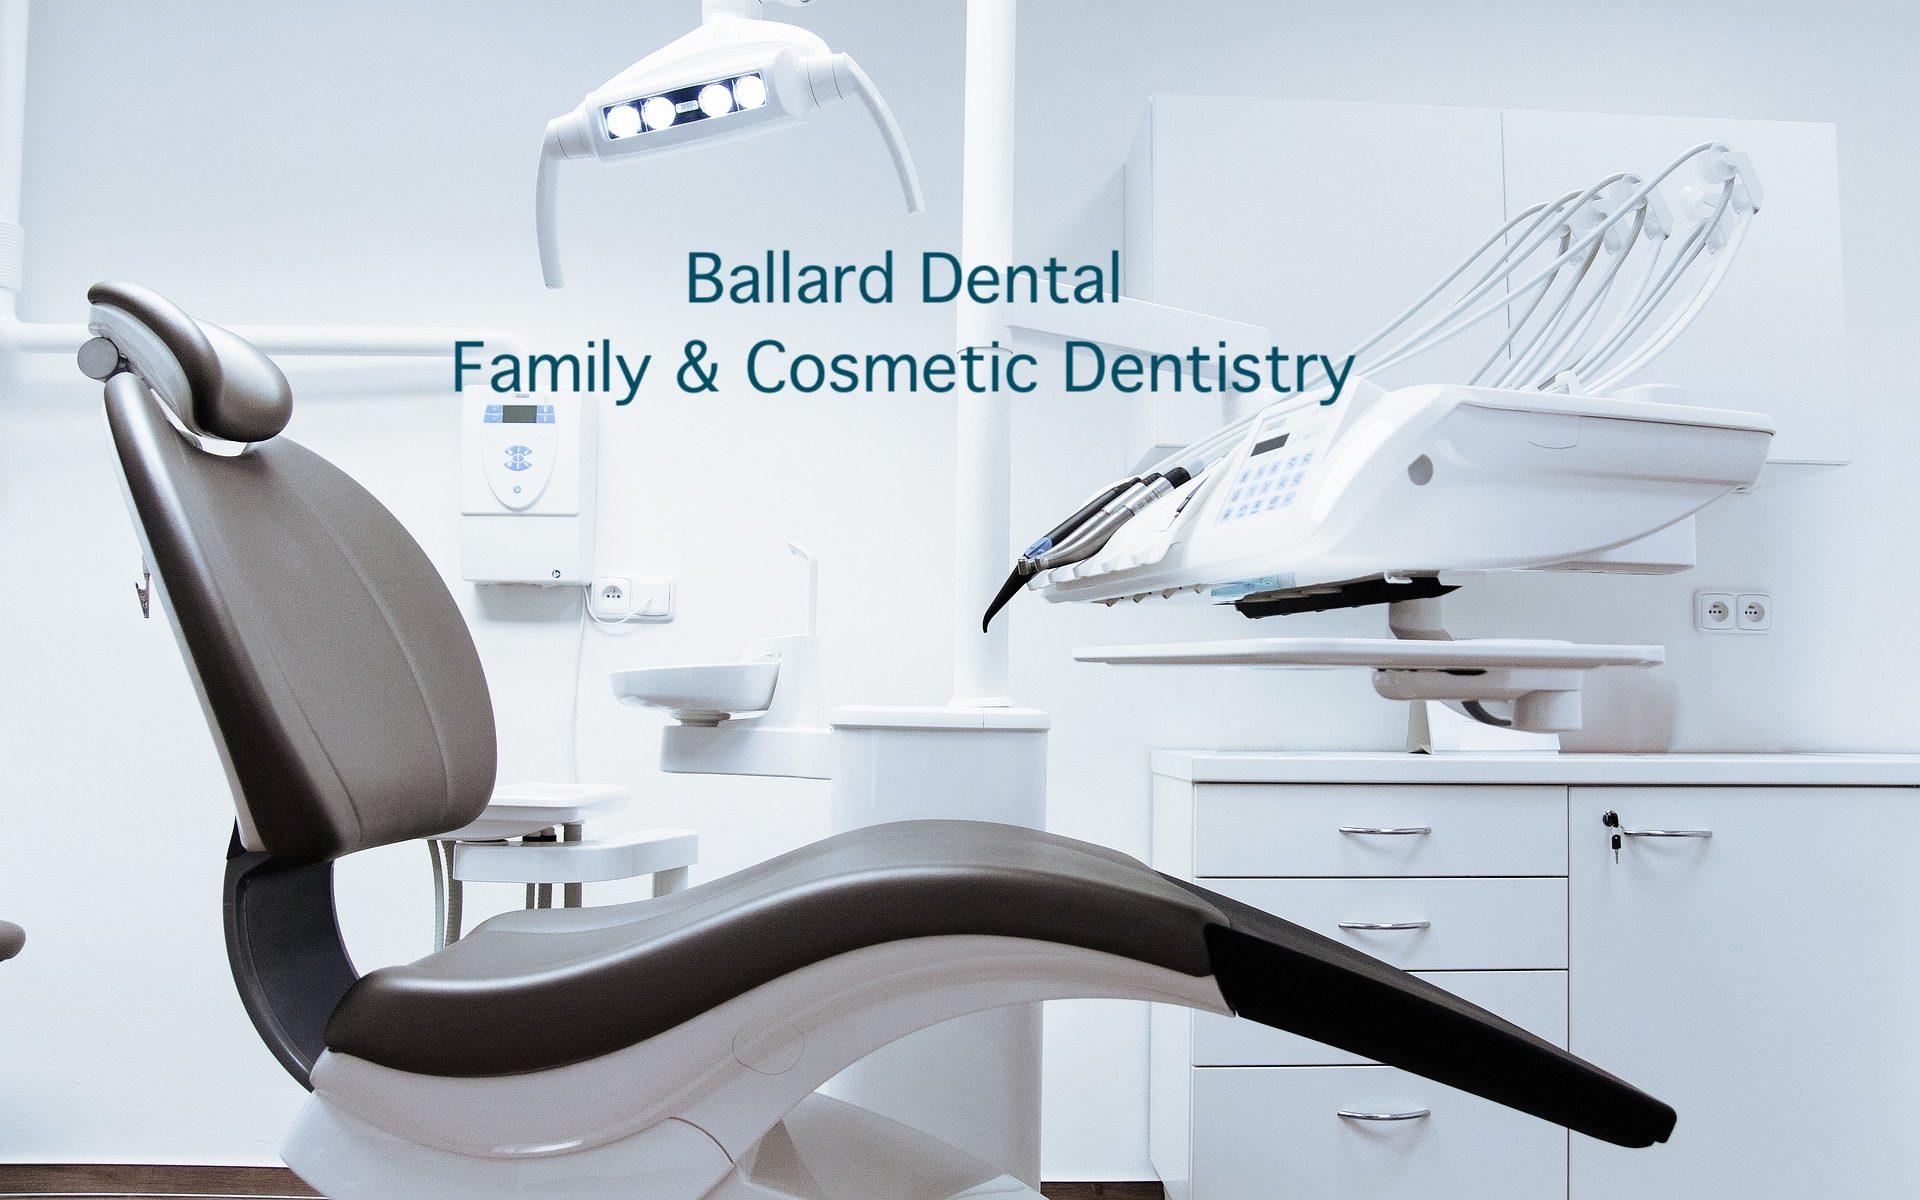 Ballard Dental